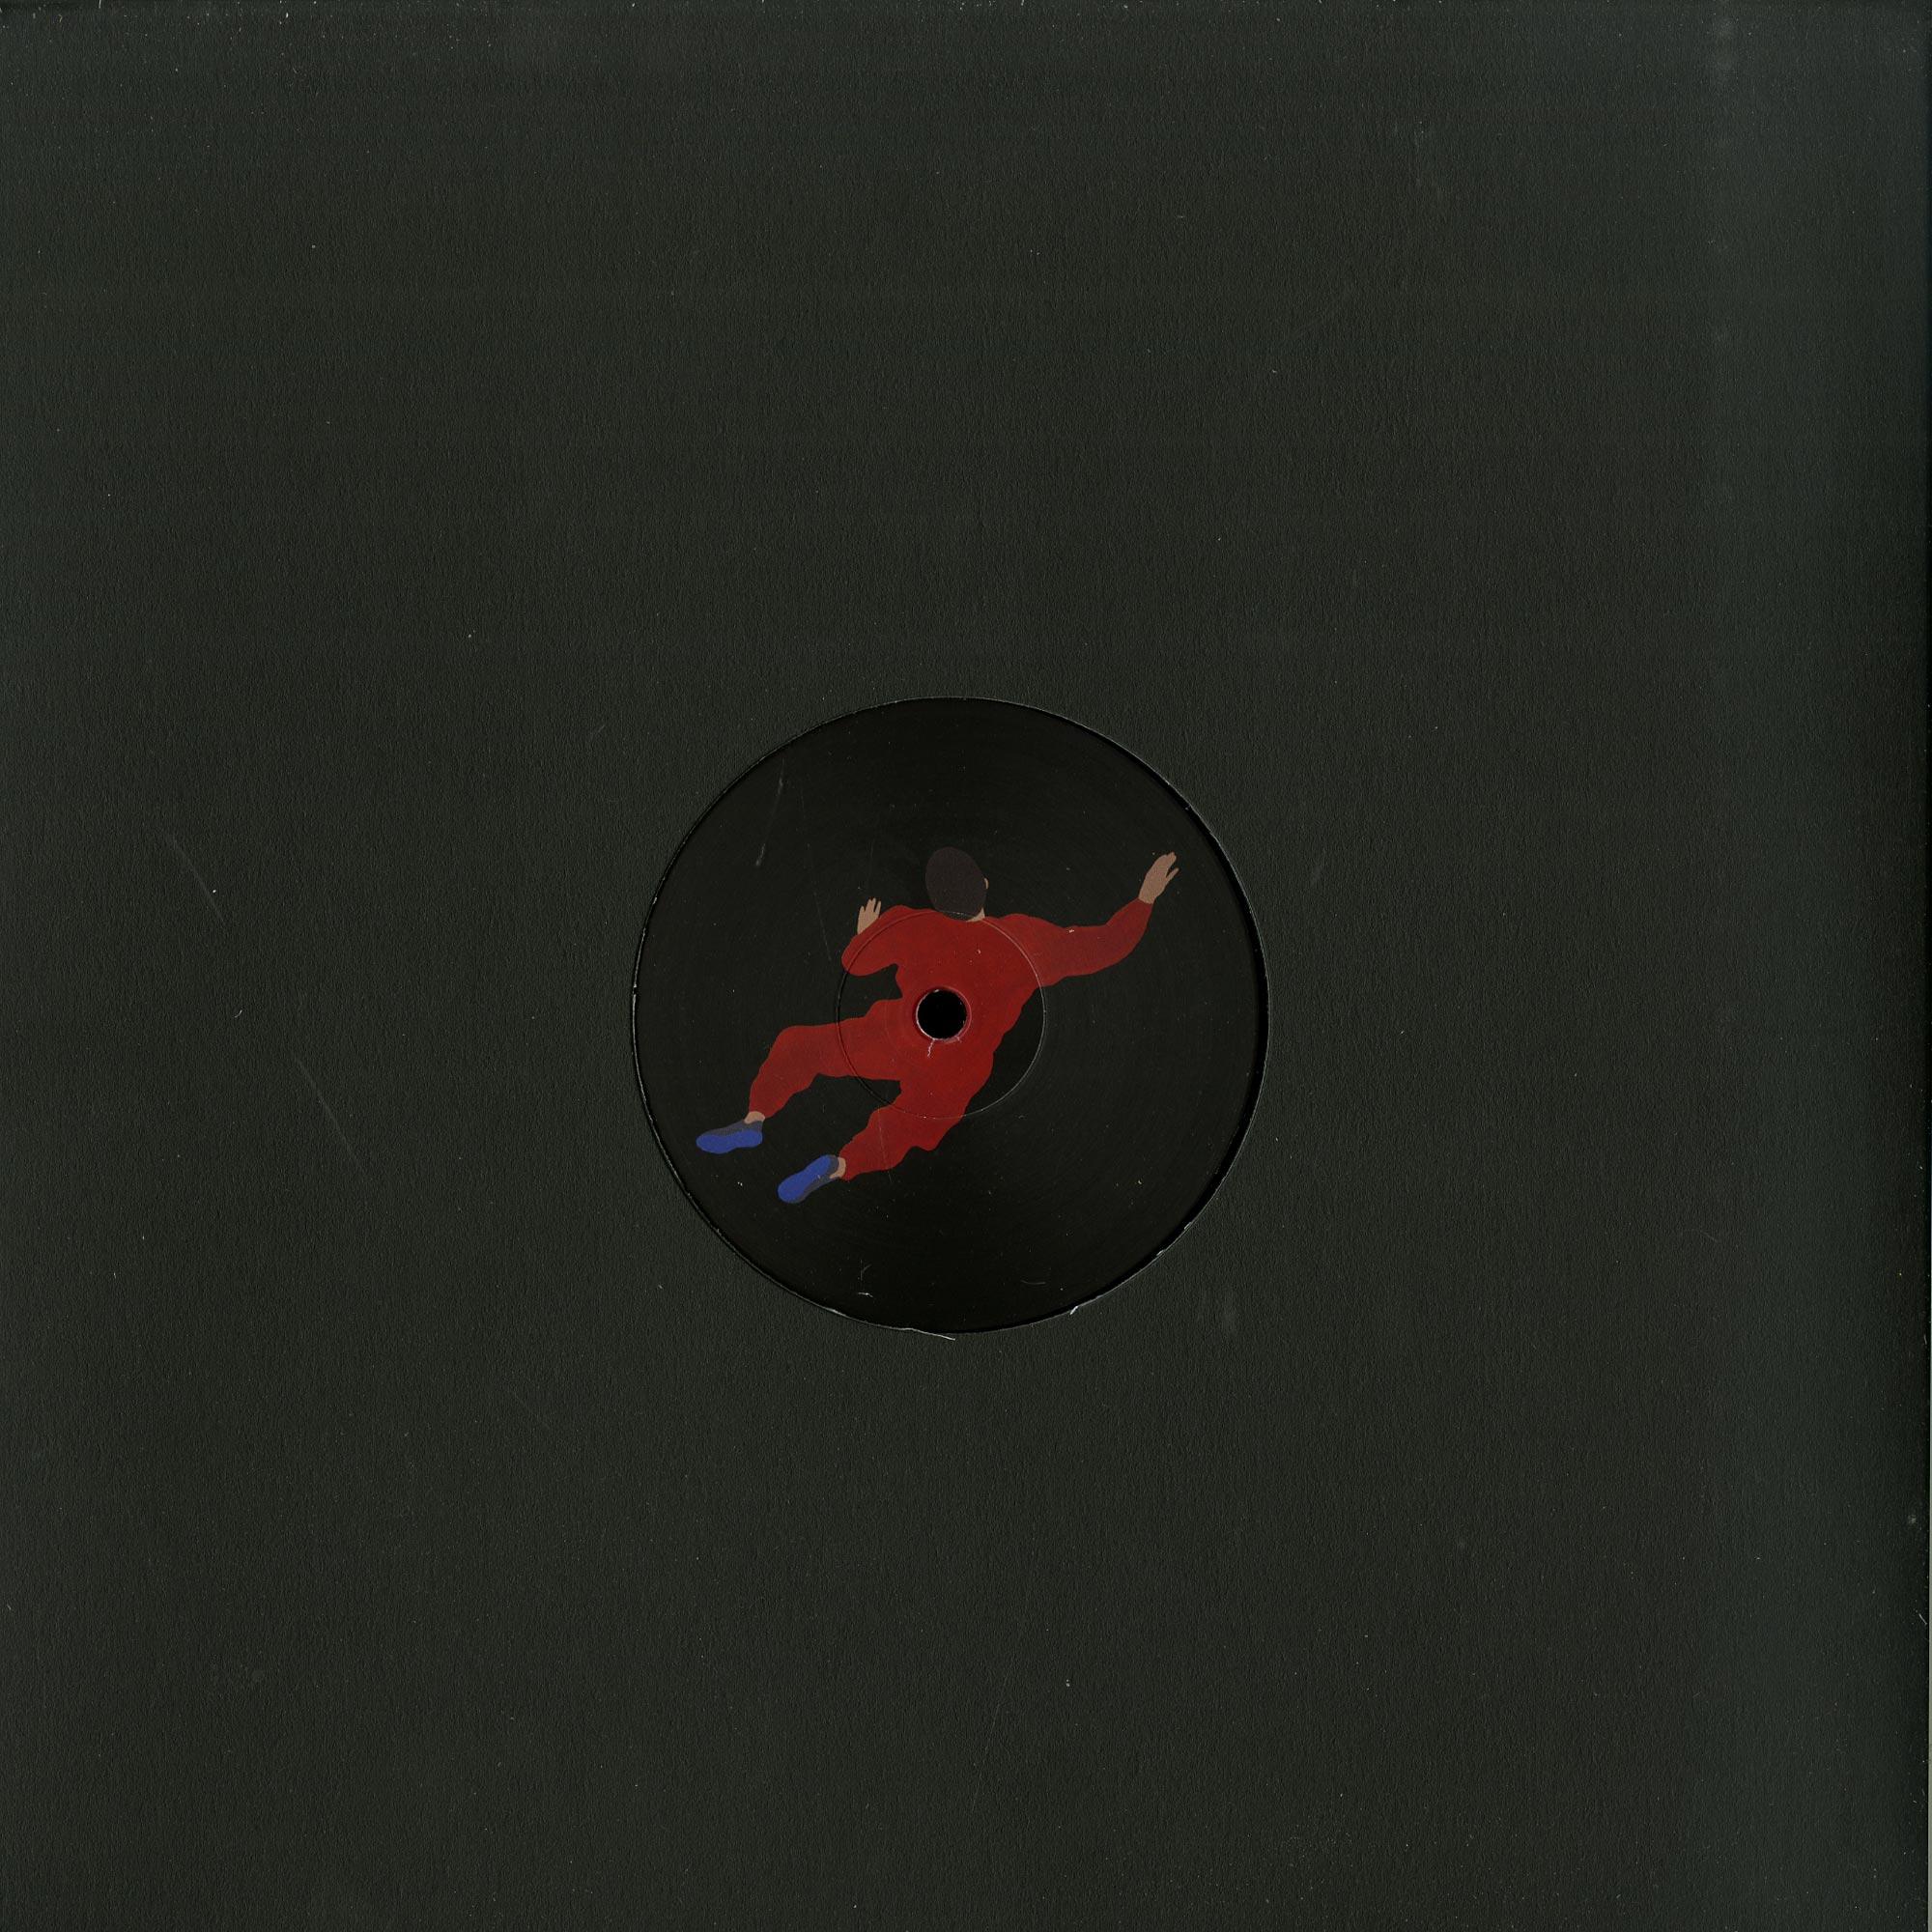 Cosmonaut - ACID THRILLER EP